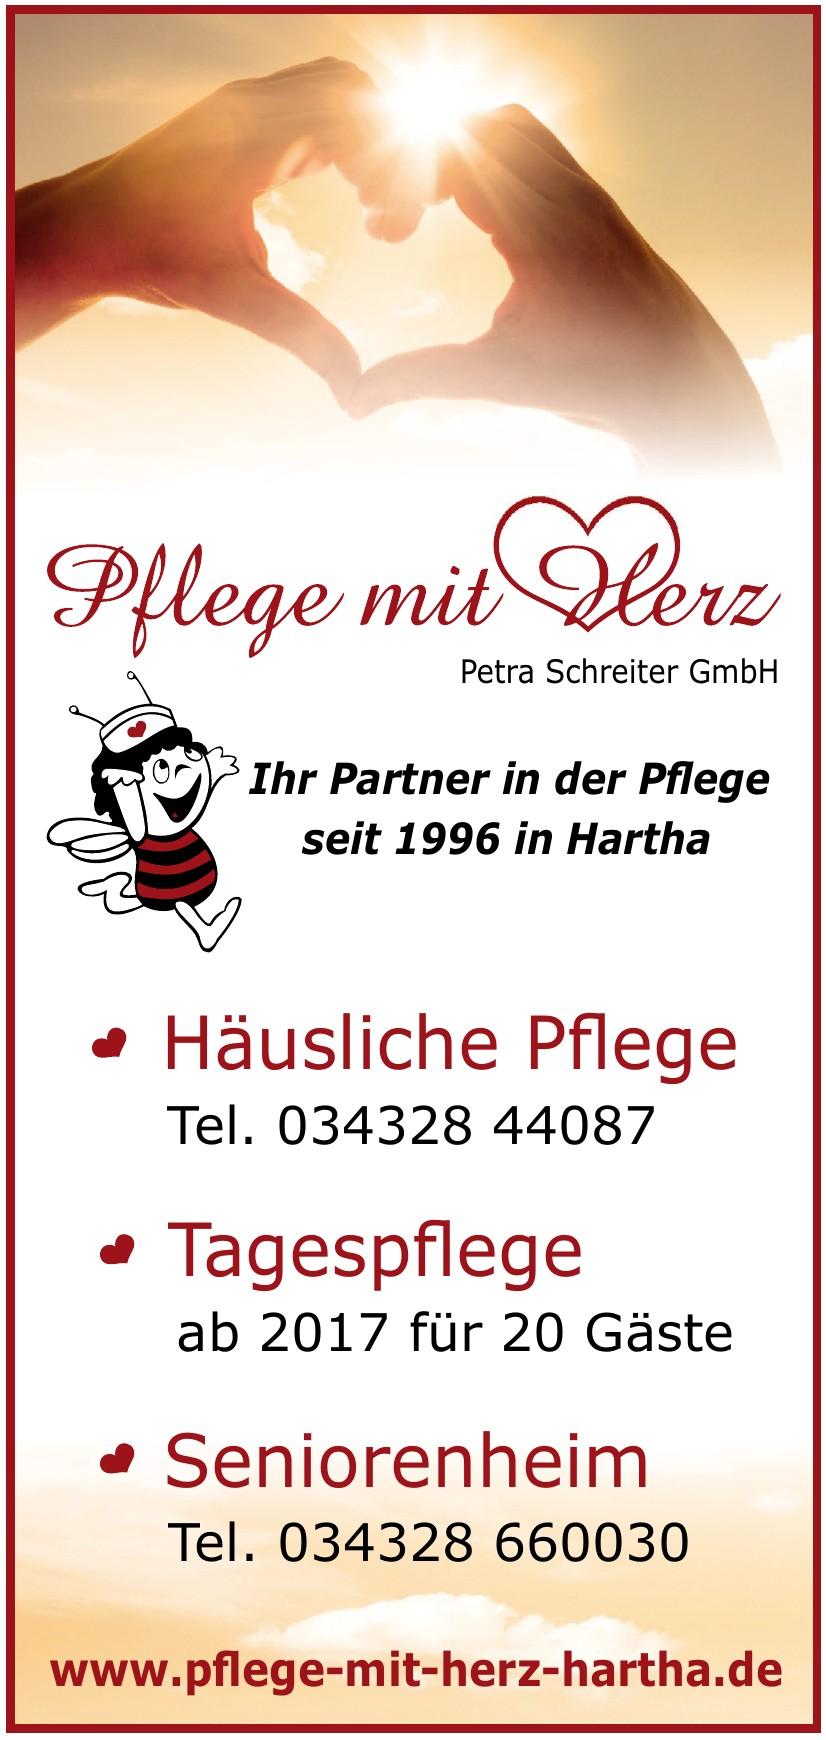 Pflege mit Herz - Petra Schreiter GmbH